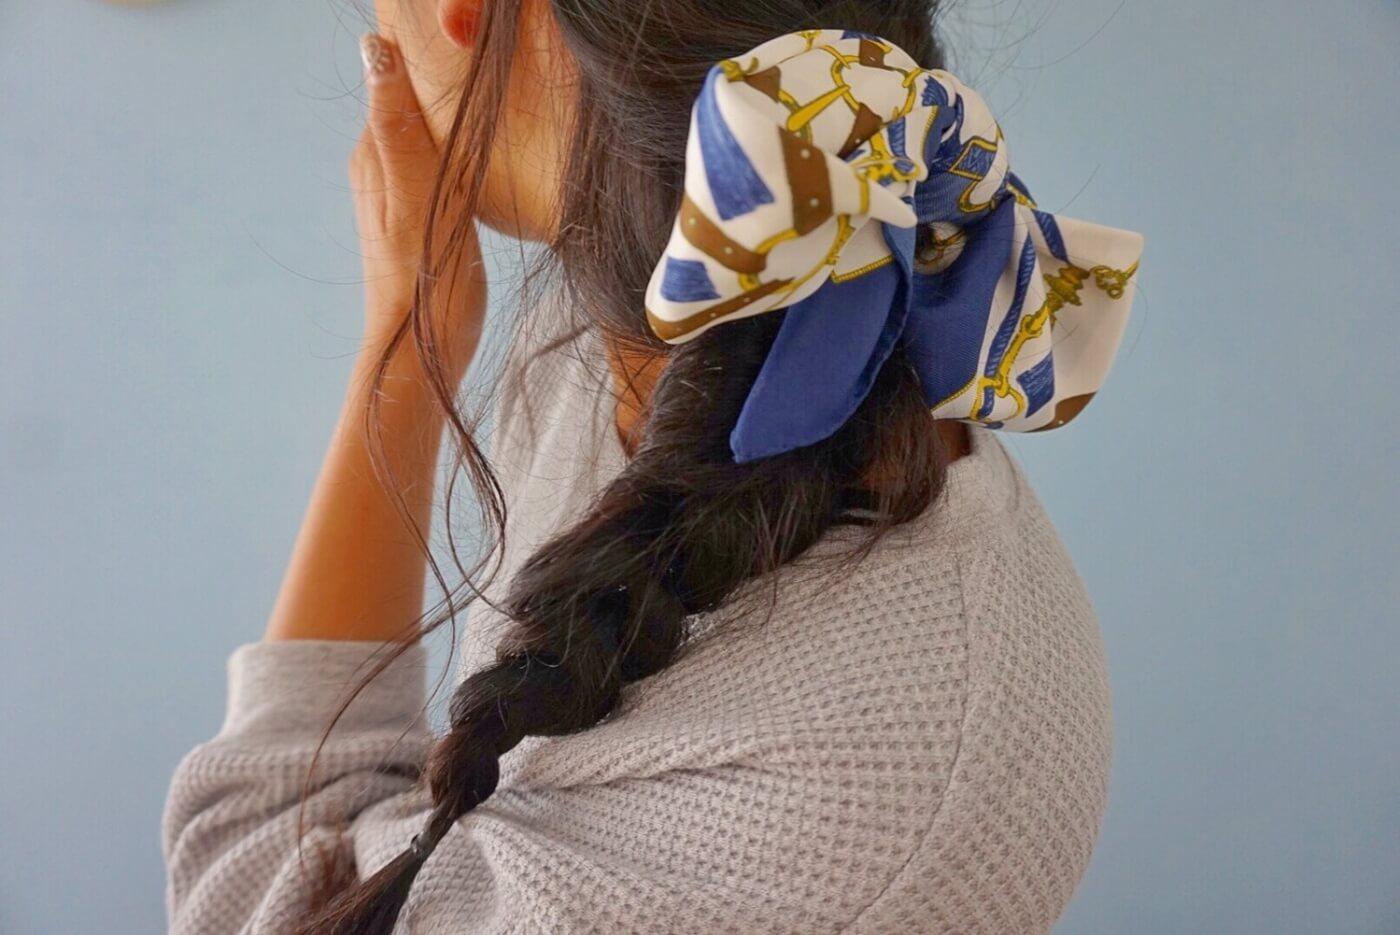 スカーフでヘアアレンジした女性